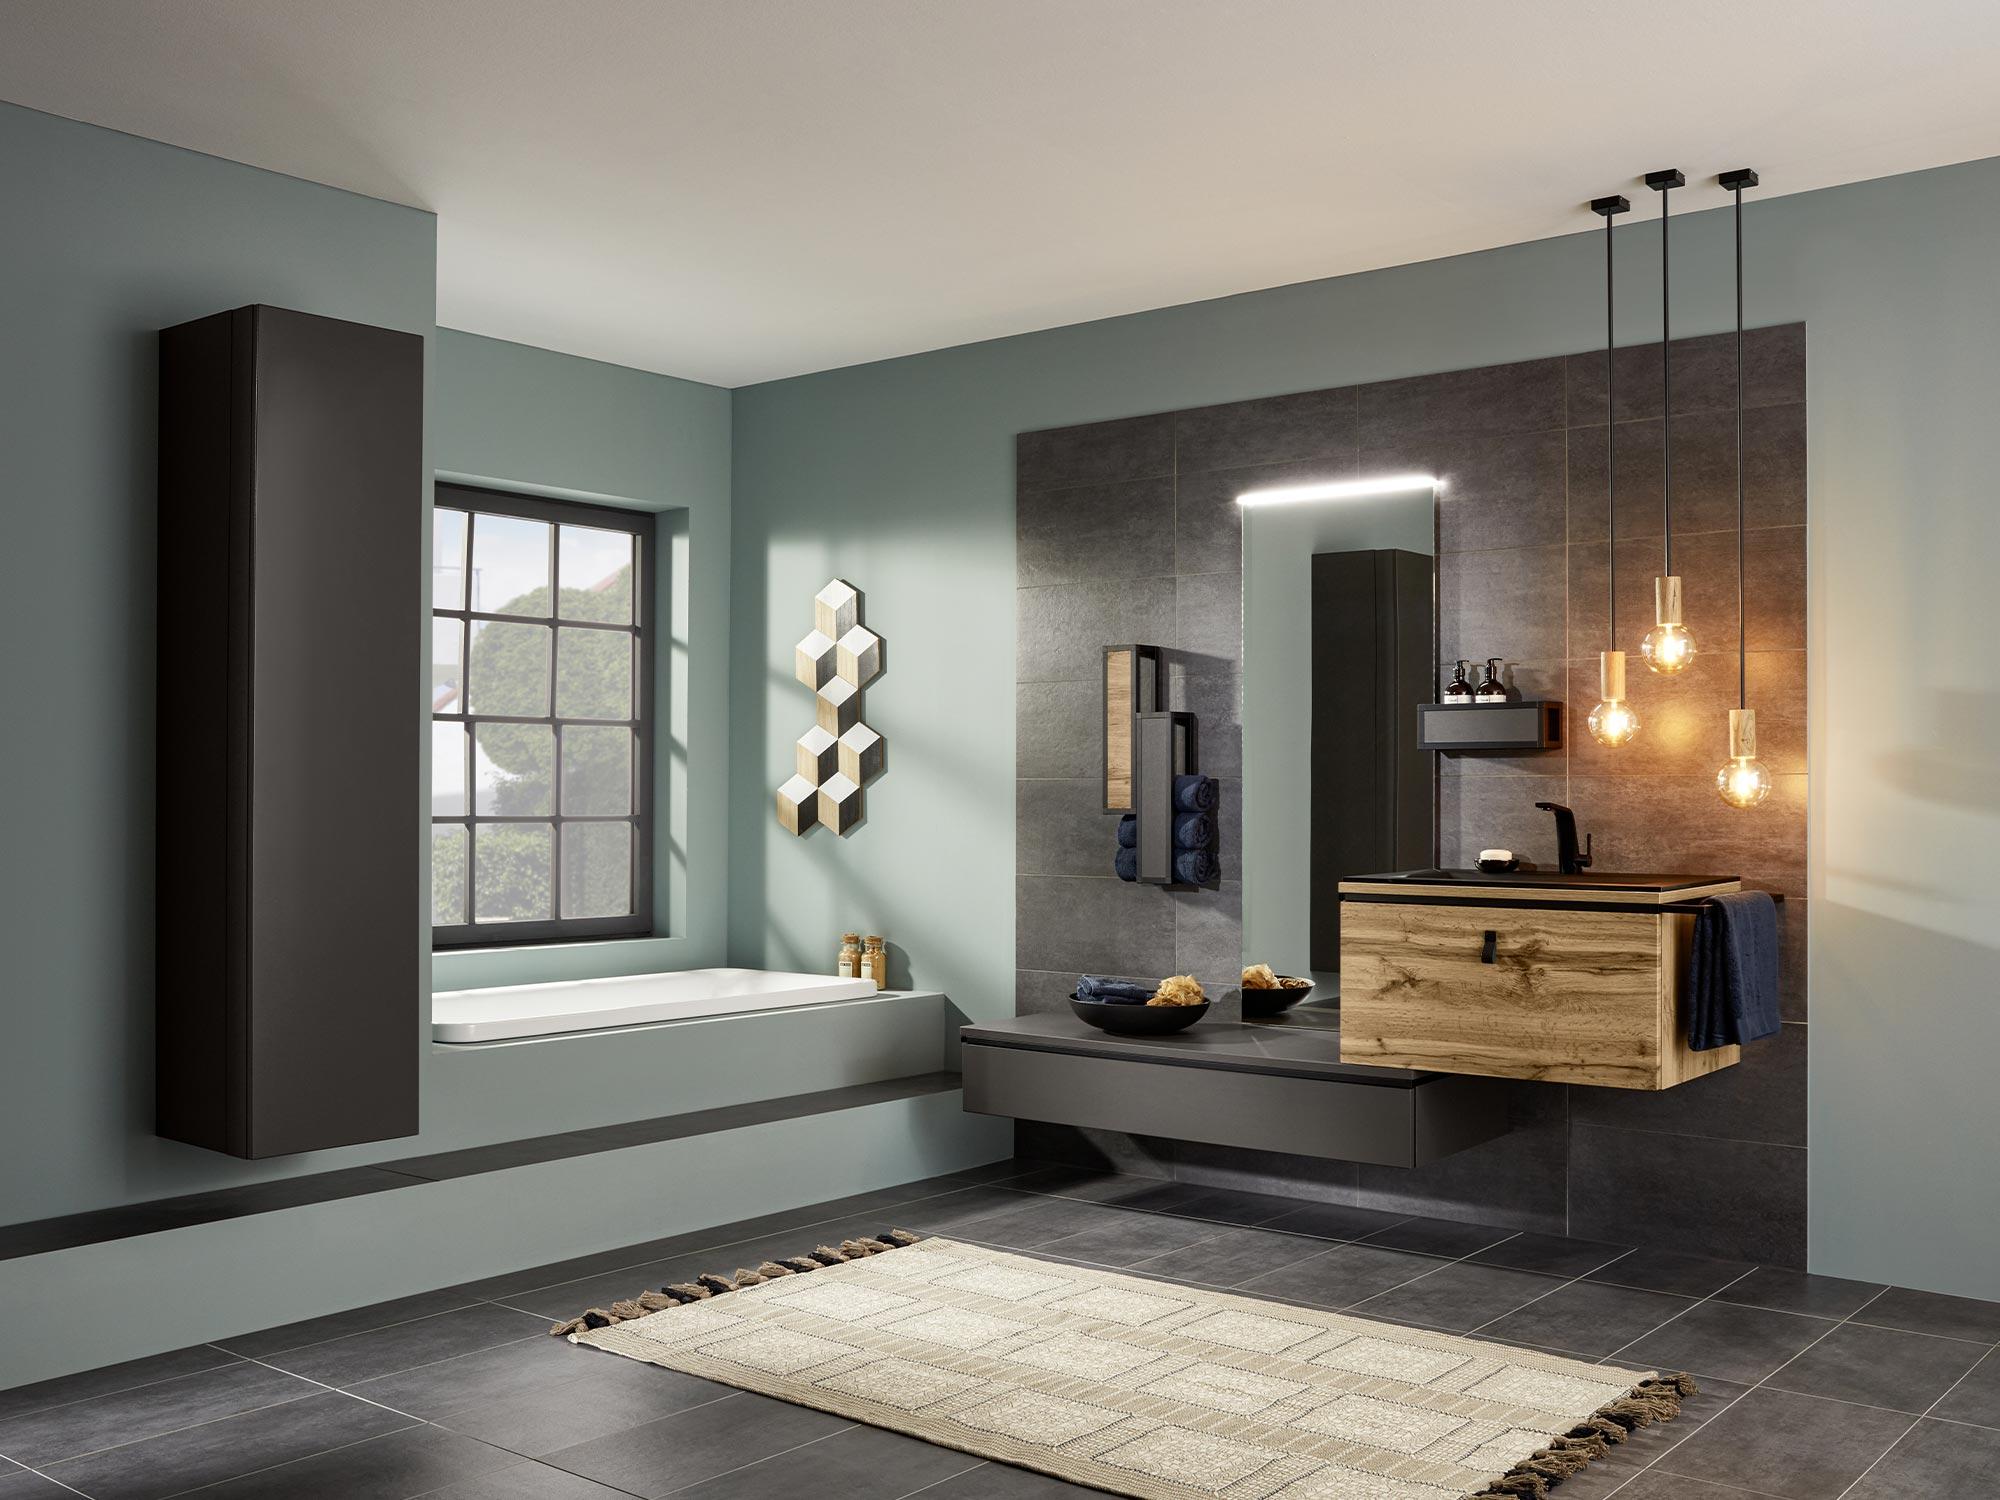 Badmöbel, Badezimmermöbel, Spiegelschränke, Waschbecken